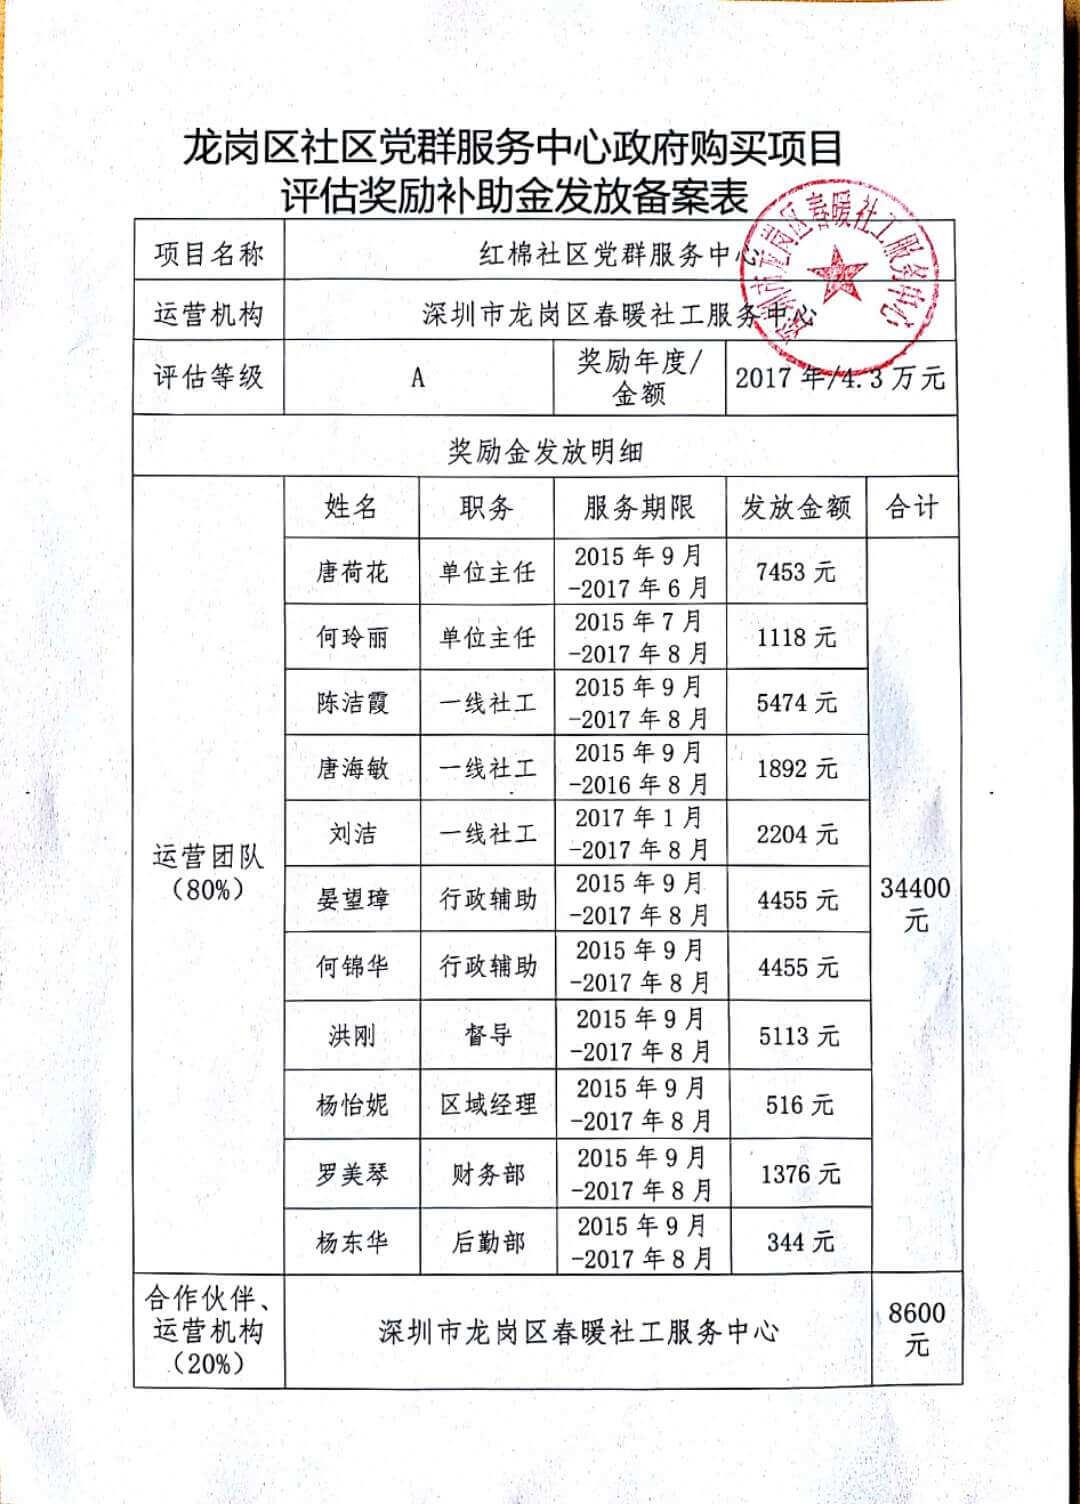 春暖社区2016年和2017年党群服务中心政府购买项目评估奖励补助金发放备案表(龙岗区红棉、荷坳社区)